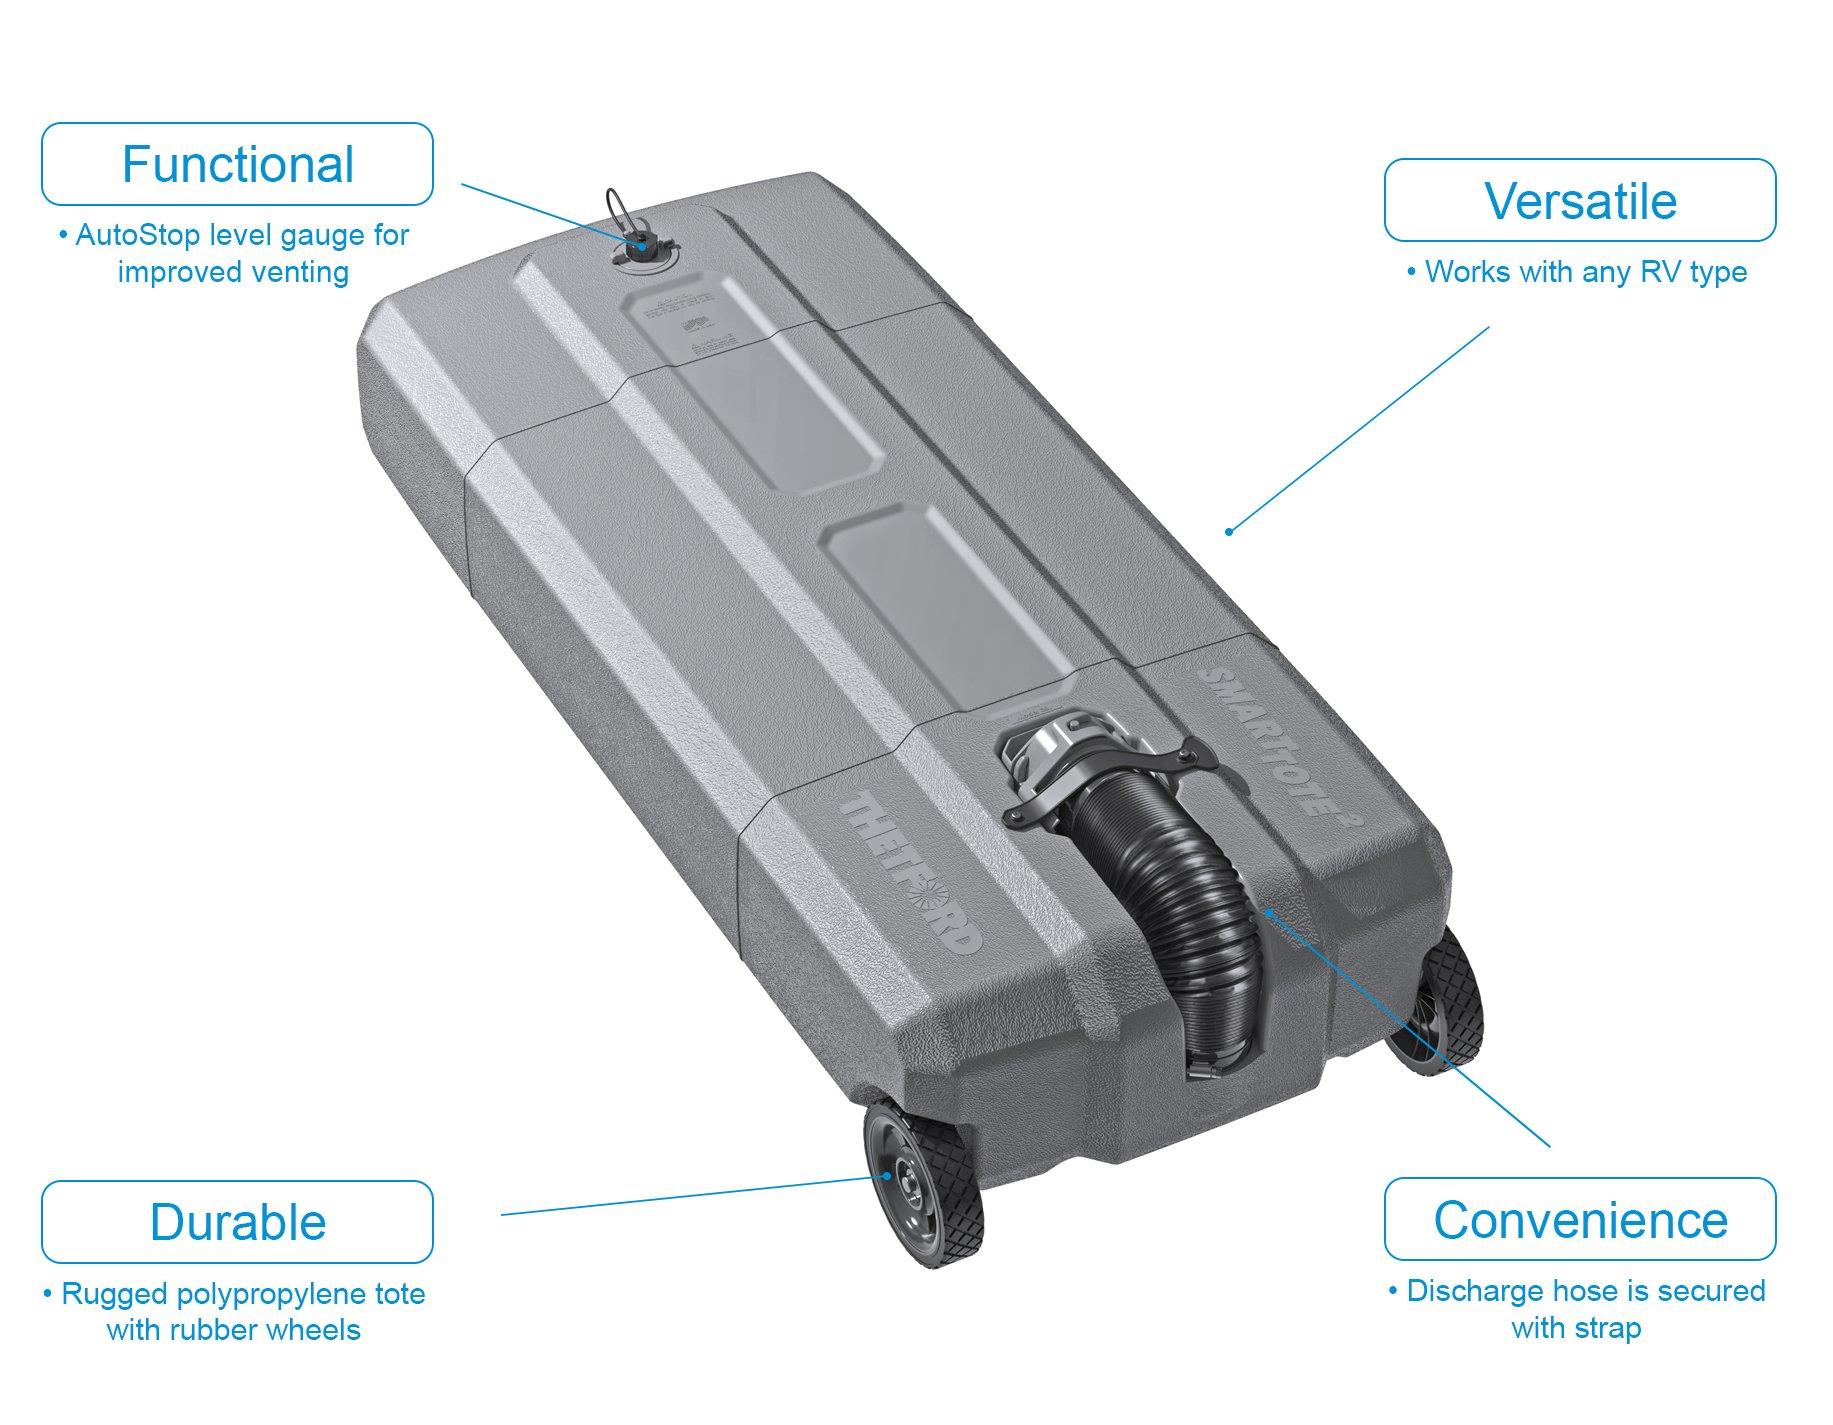 SmartTote2 RV Portable Waste Tote Tank - 2 Wheels - 35 Gallon -Thetford 40503 by SmartTote 2 (Image #3)